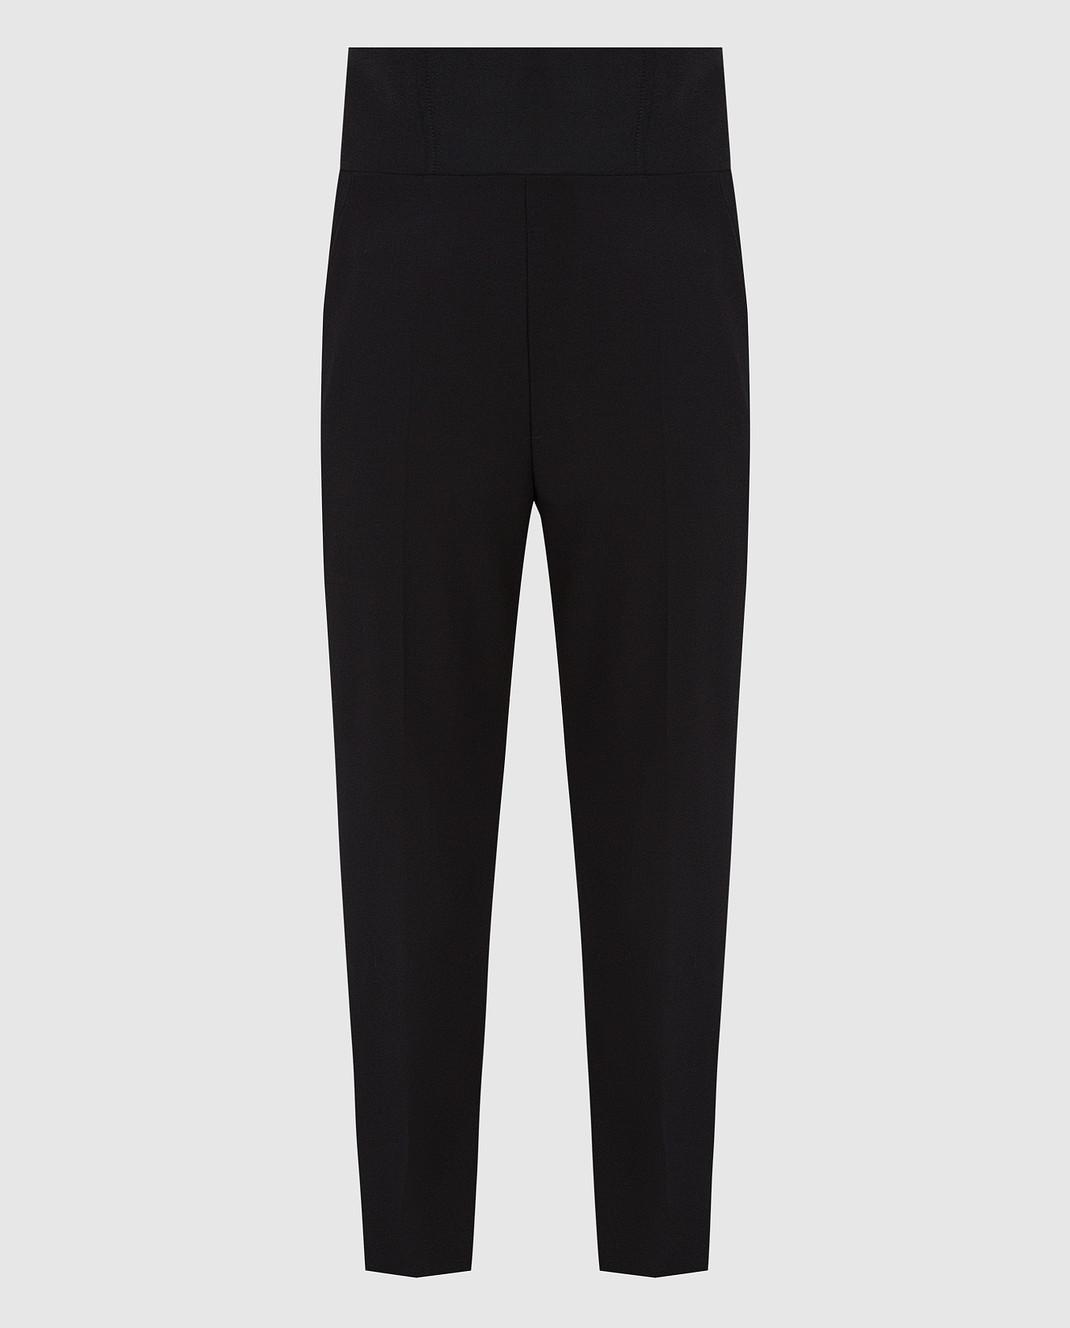 David Koma Черные брюки из шерсти изображение 1